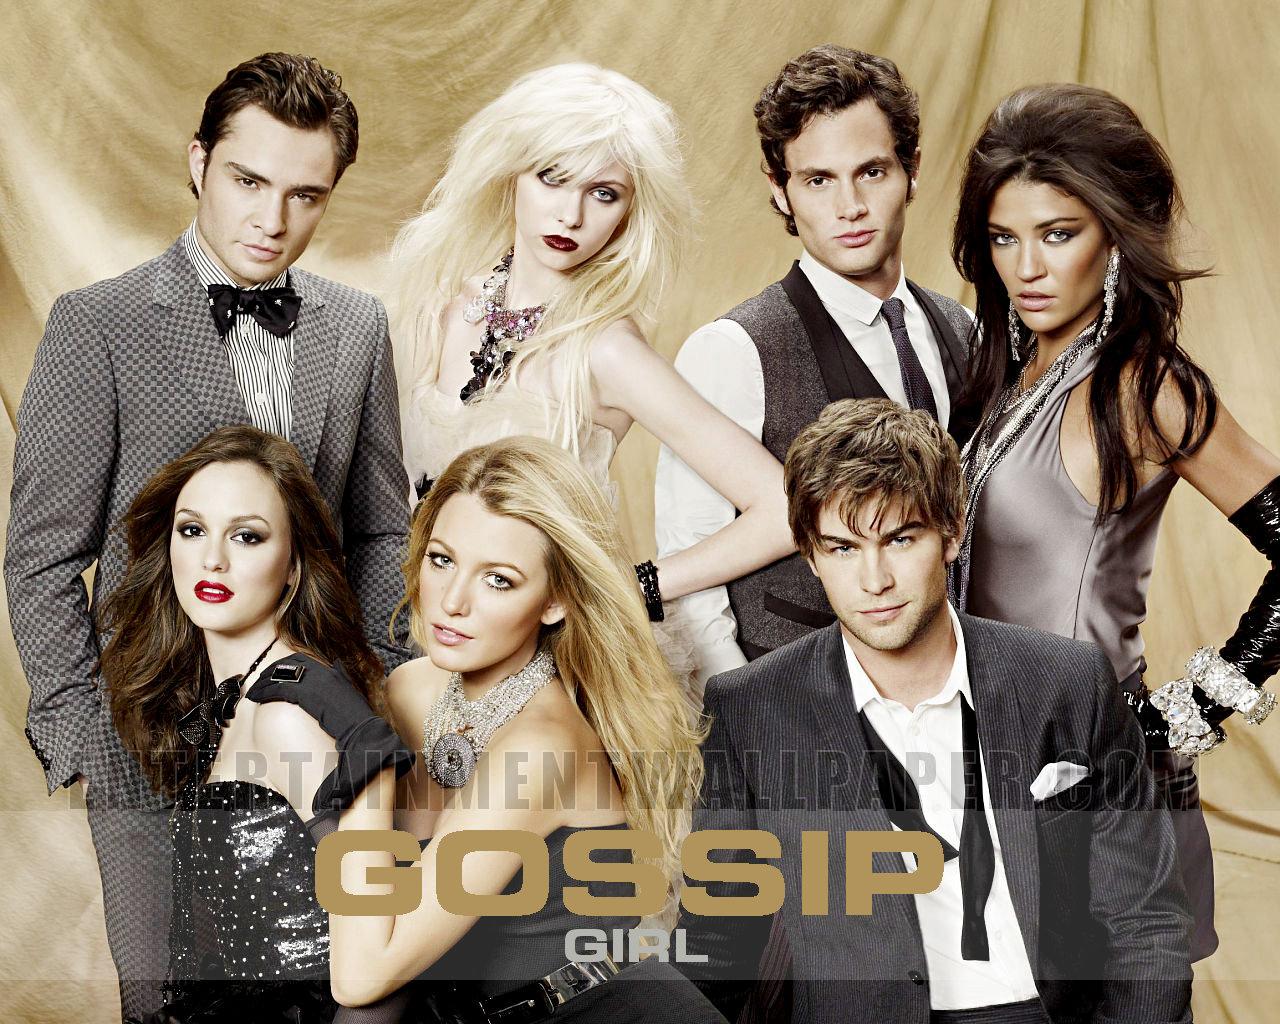 Gossip girl temporada 2 episodios 18